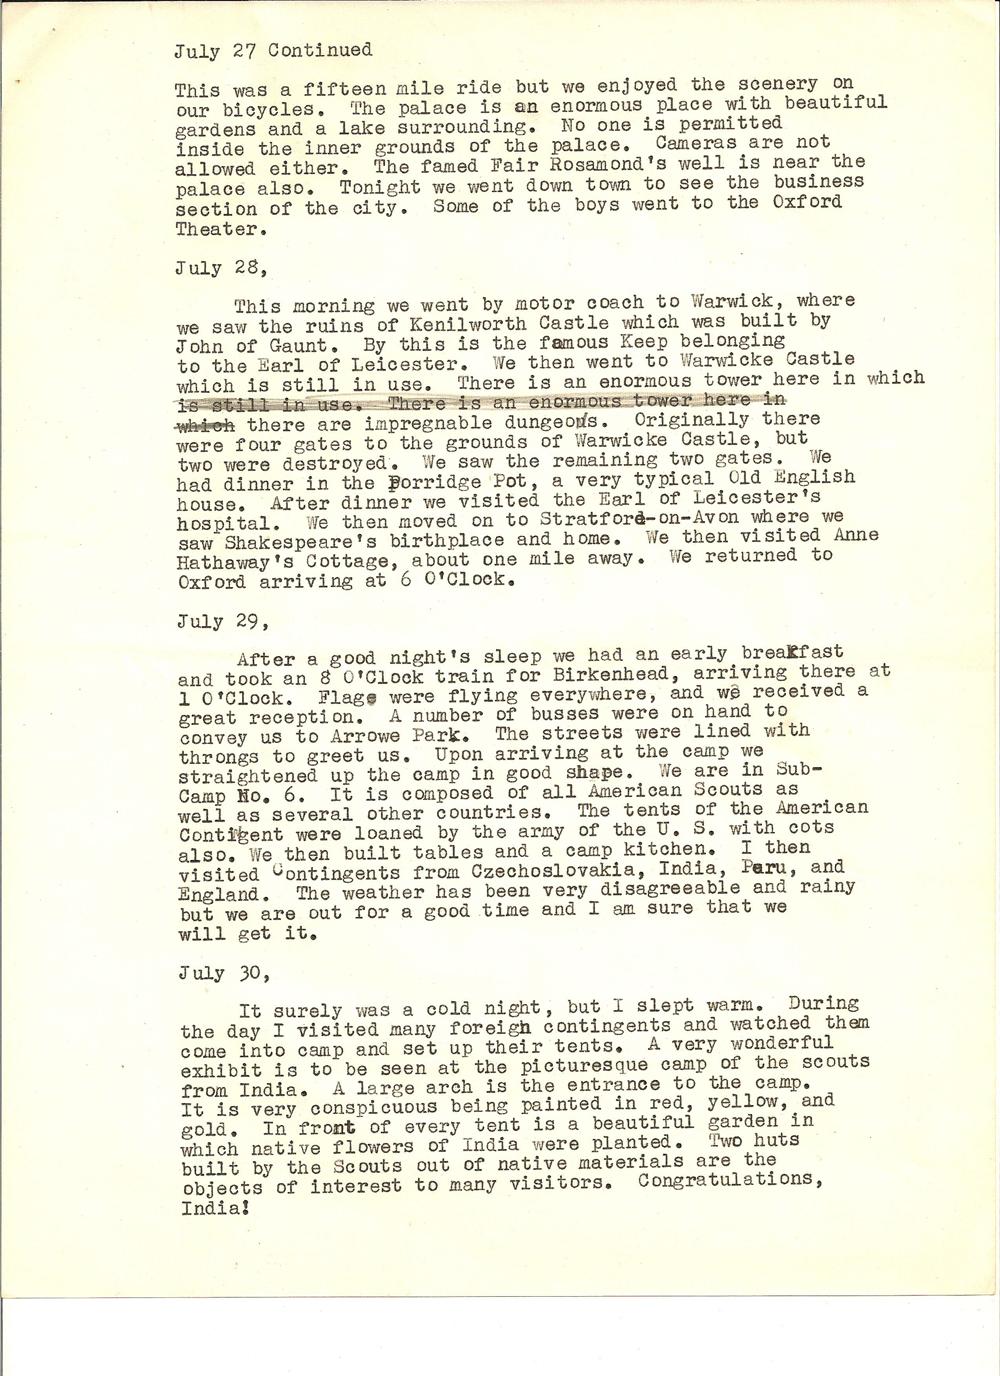 1929_Journal_DeWitt_Thompson-6